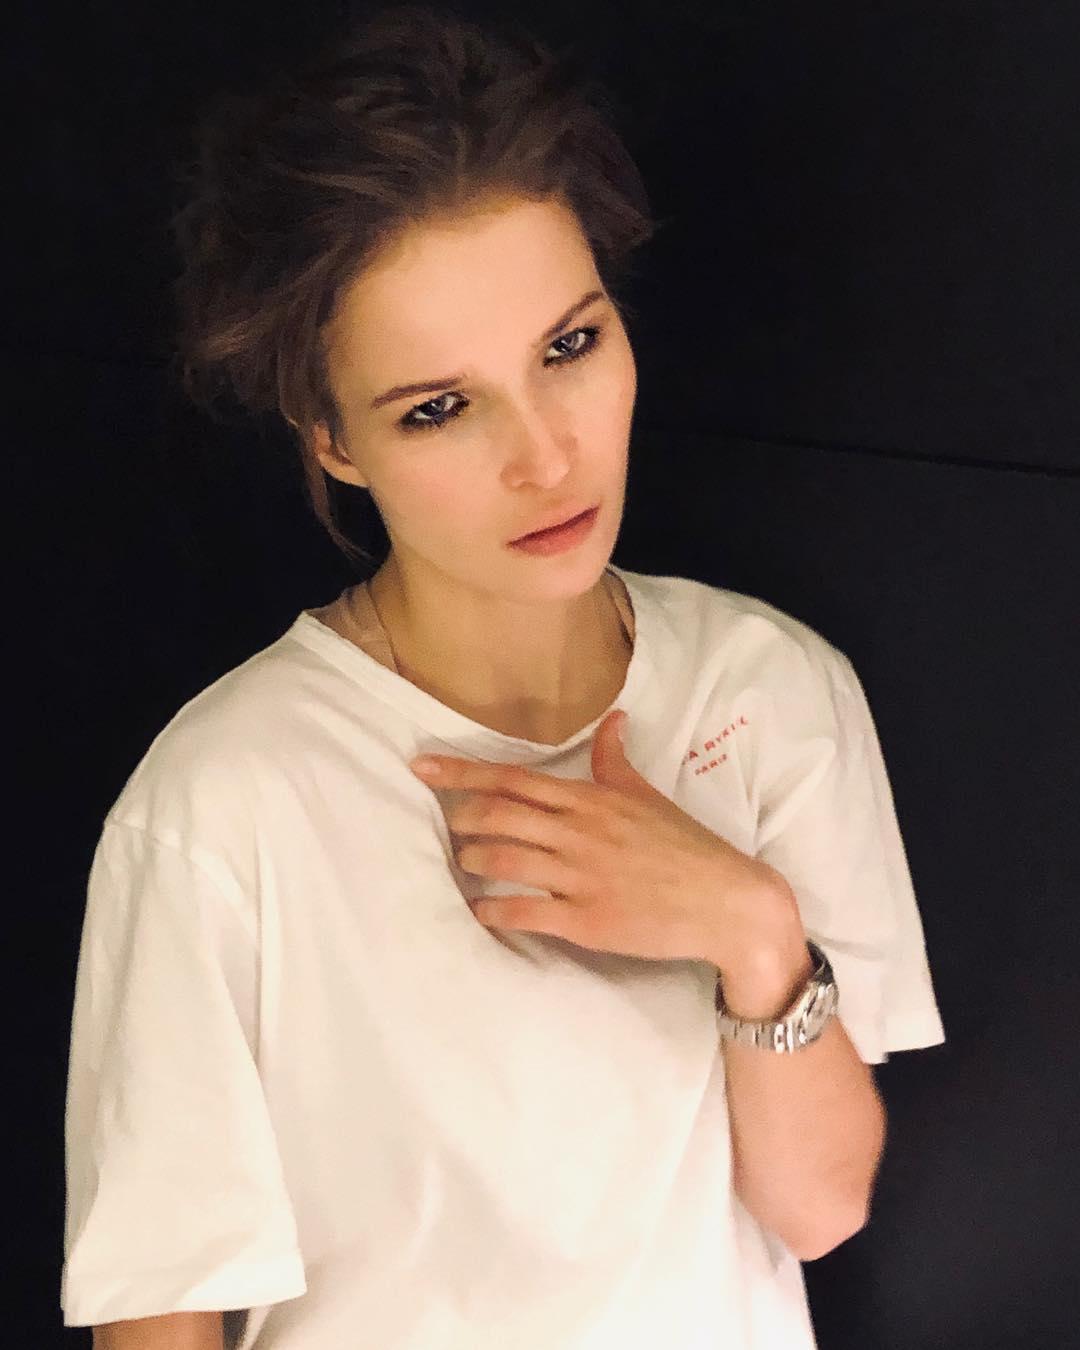 Лукерья Ильяшенко: Сижу и реву белугой. Прочитала роман «Циники» Анатолия Мариенгофа. Невероятно круто! Ребята, почитайте!